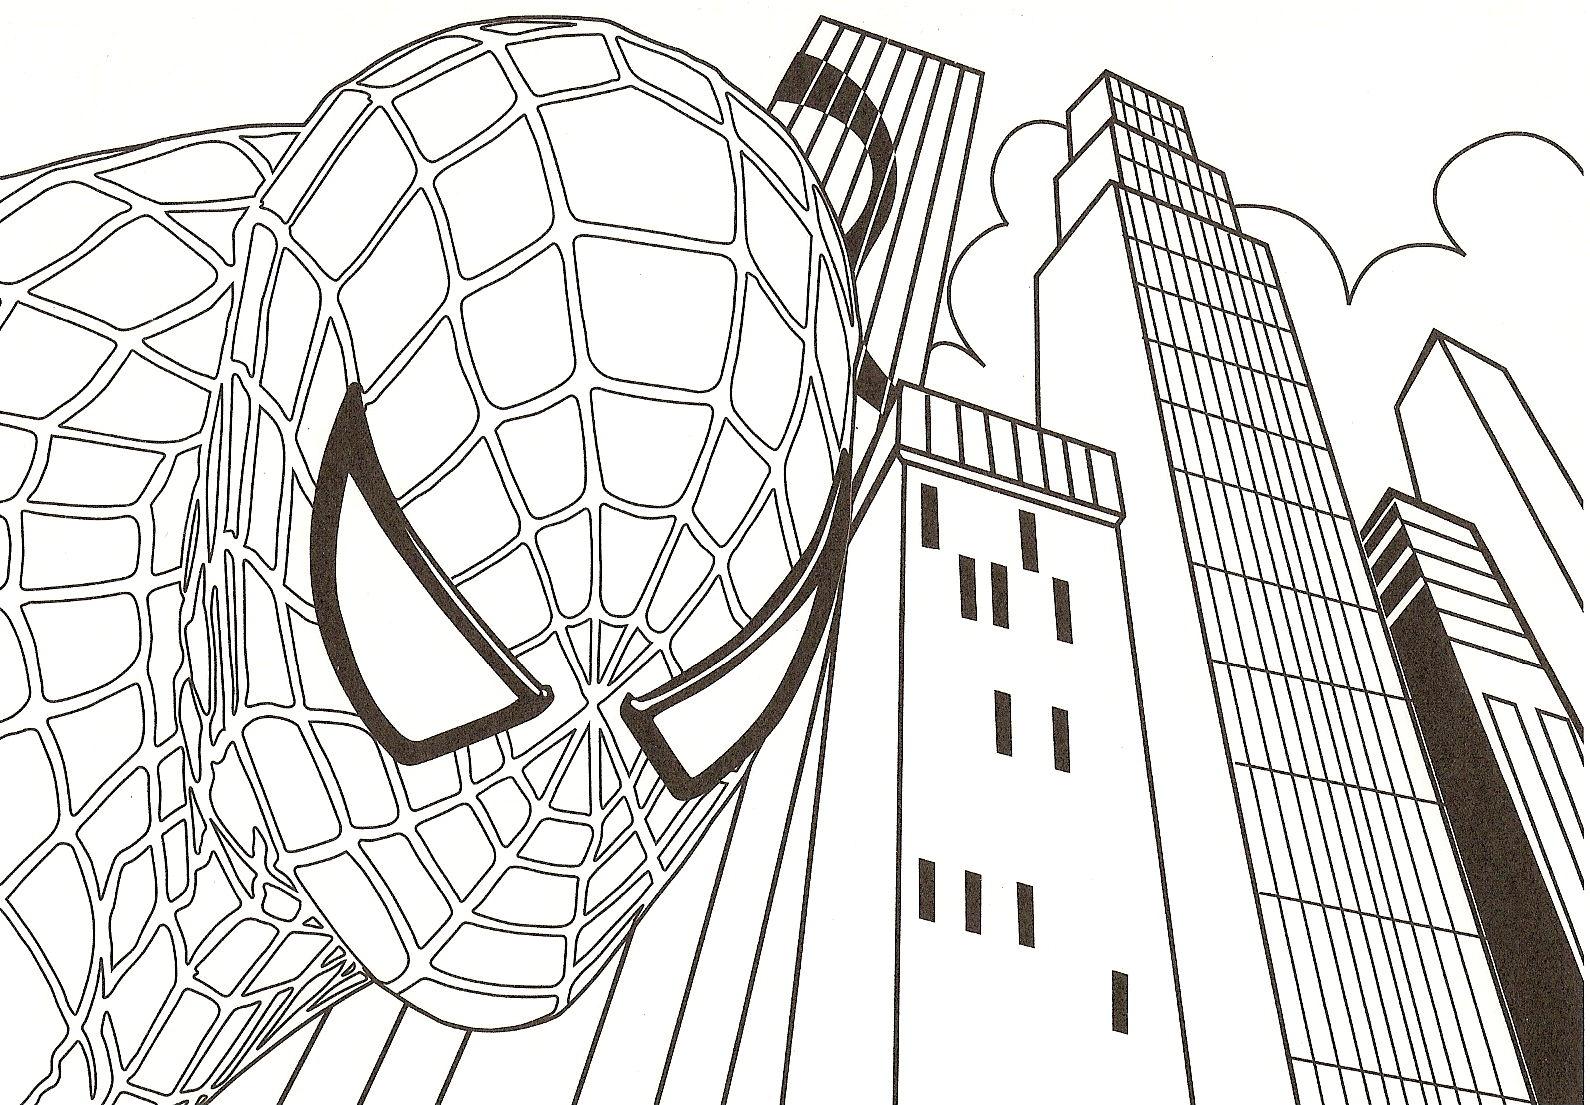 Temos Outros Desenhos Do Homem Aranha Para Pintar  Basta Usar A Caixa